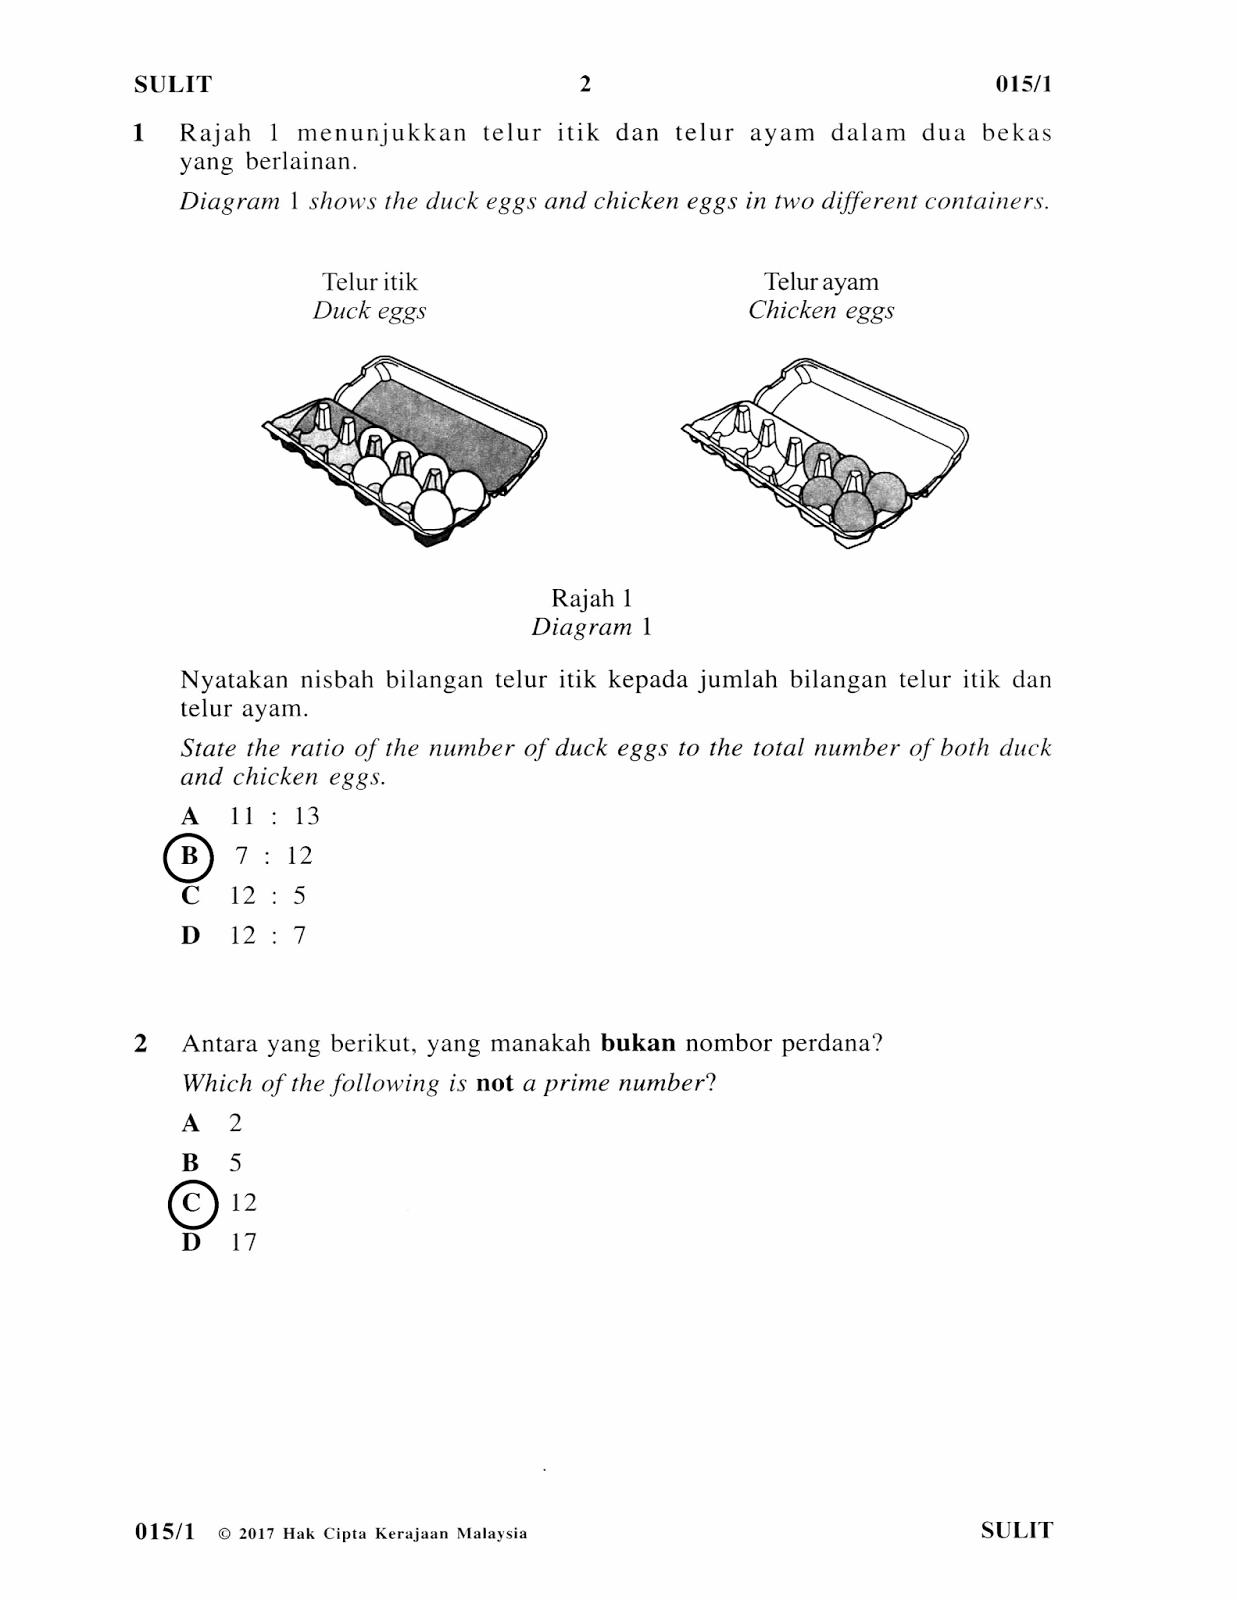 Jawapan Dan Soalan Upsr Matematik Kertas 1 2017 Koleksi Grafik Untuk Guru